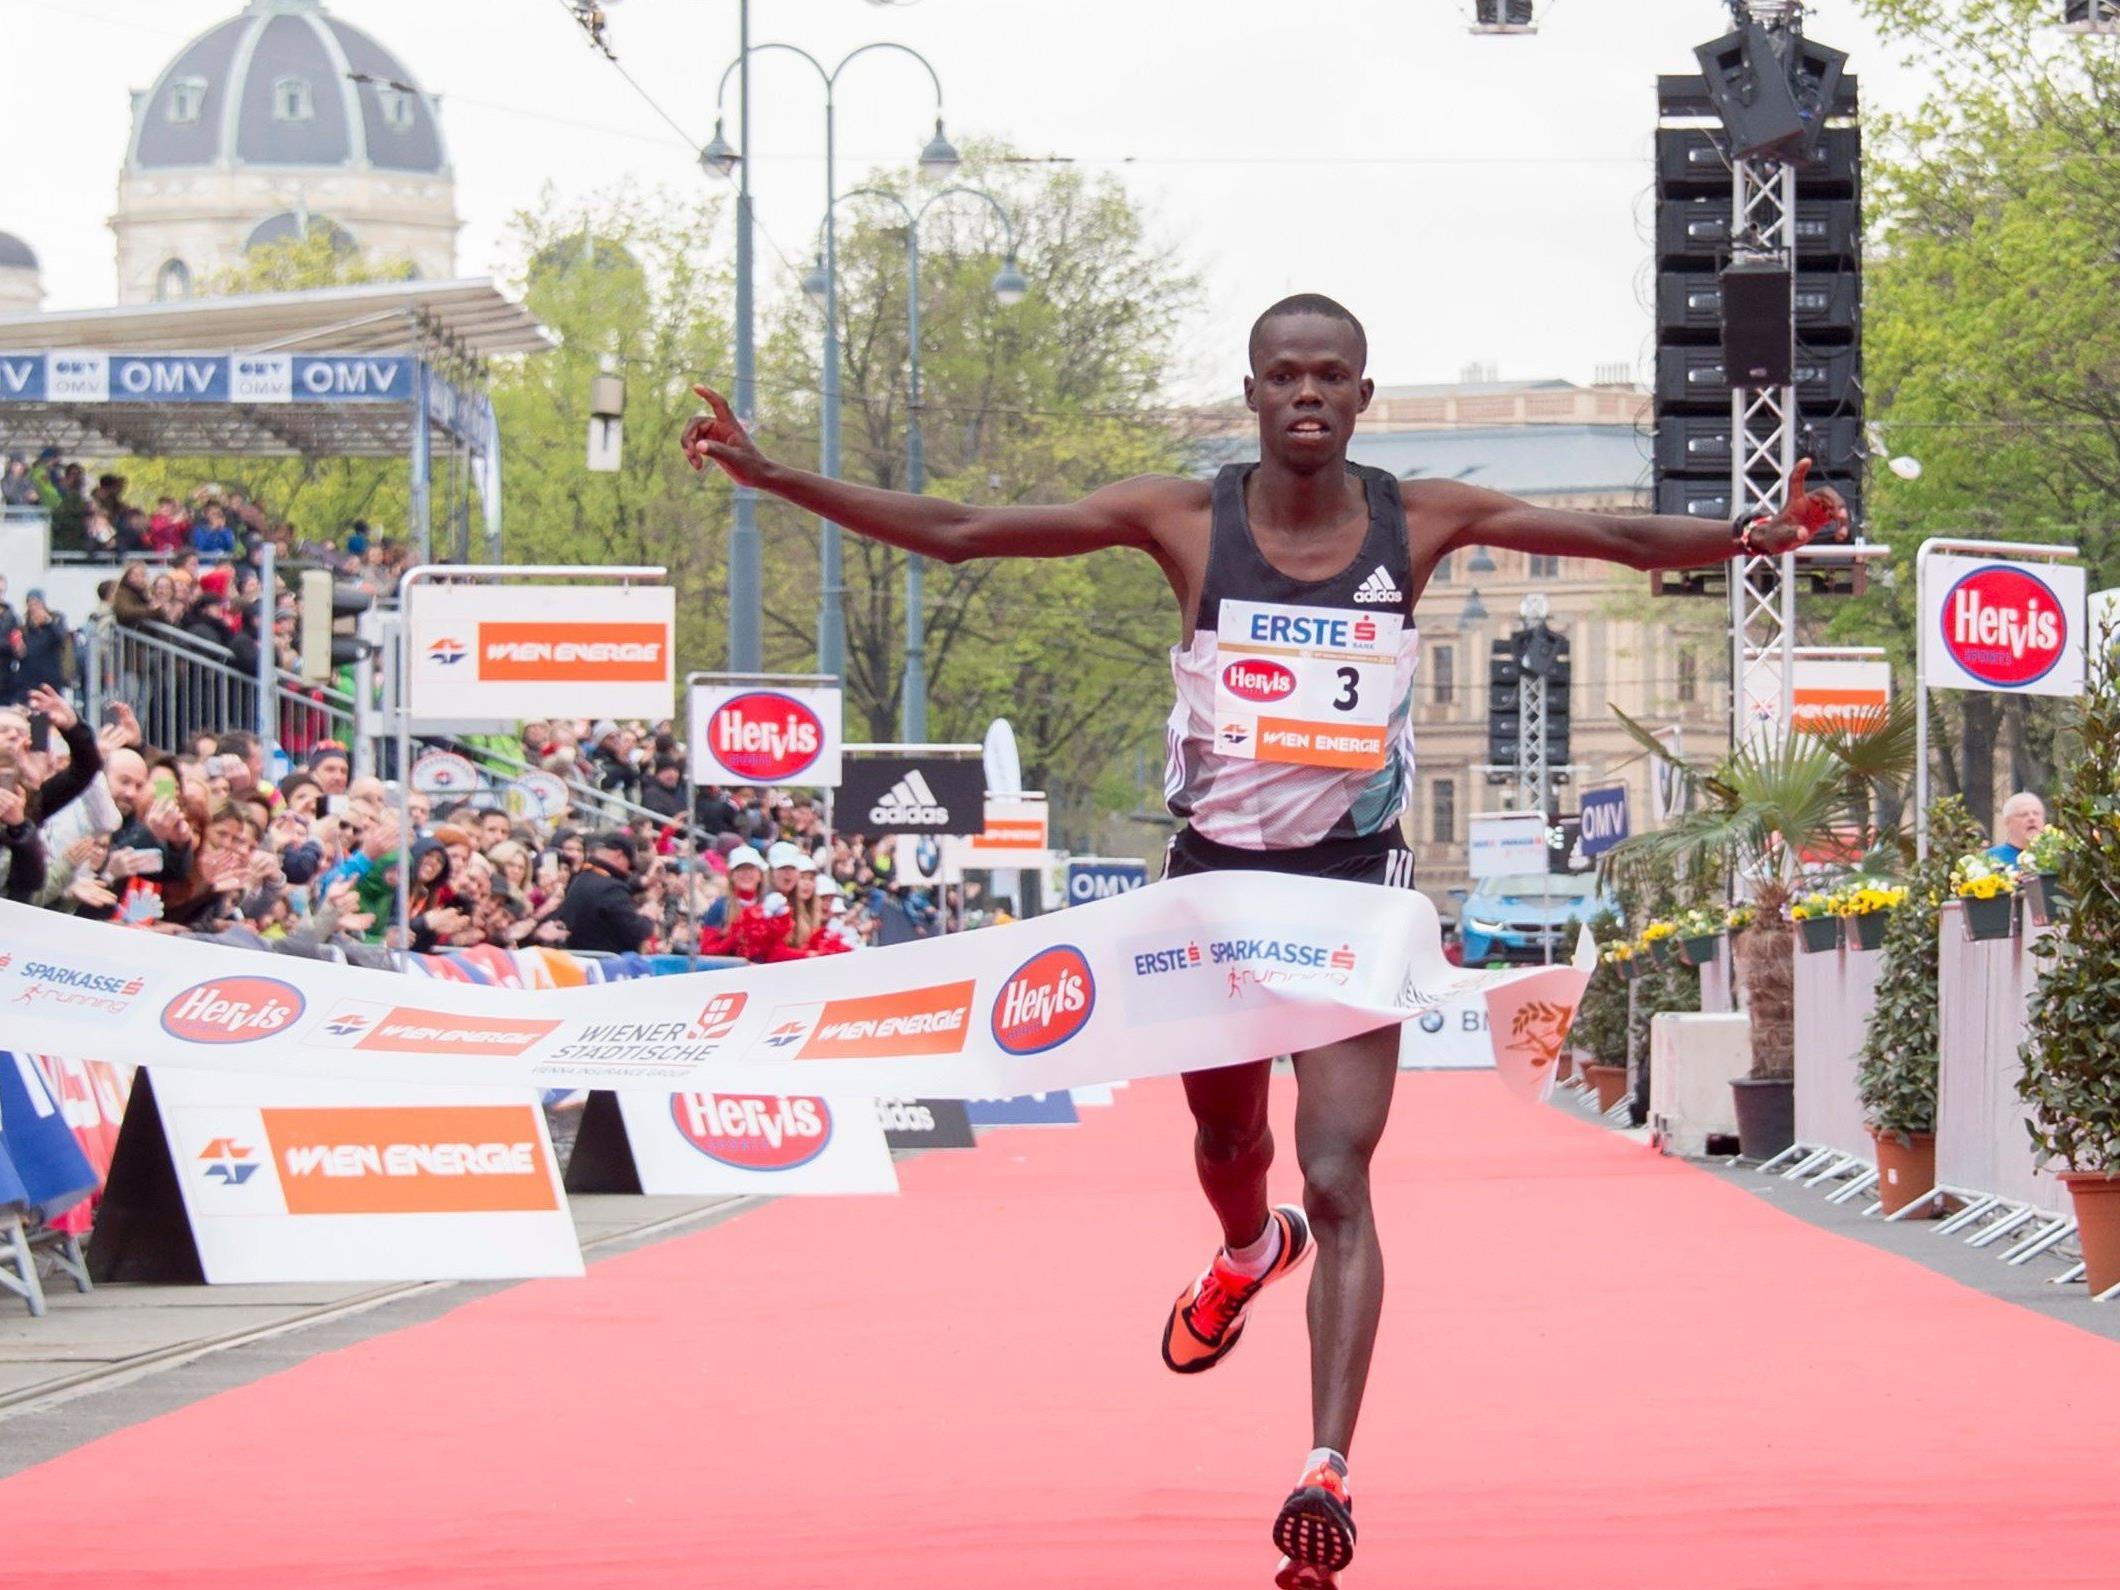 Robert Chemosin gewinnt den Vienna CIty Marathon in inoffiziellen 2:09:48 Stunden.